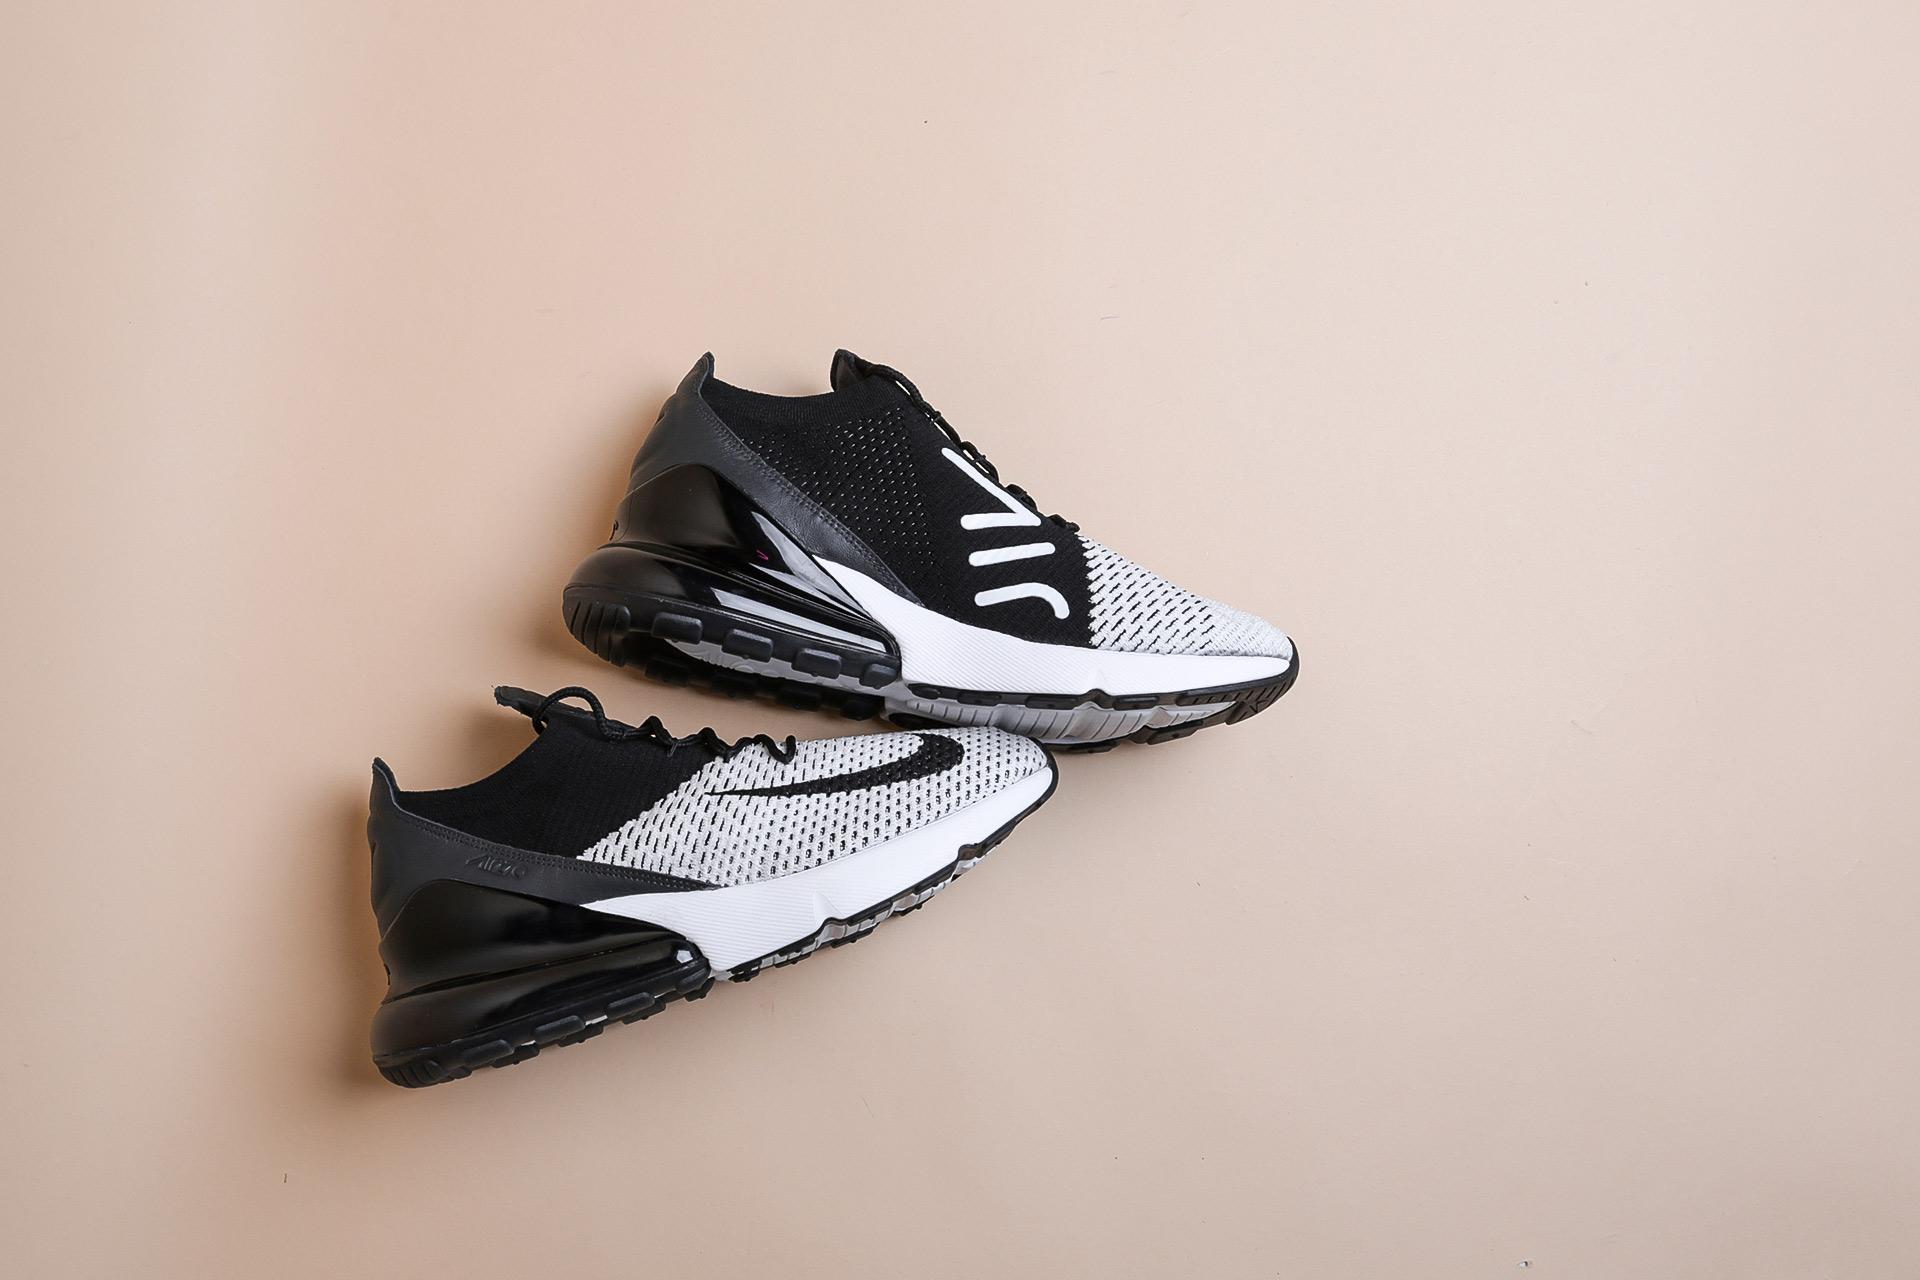 c7f37216 Купить черные мужские кроссовки Air Max 270 Flyknit от Nike (AO1023 ...